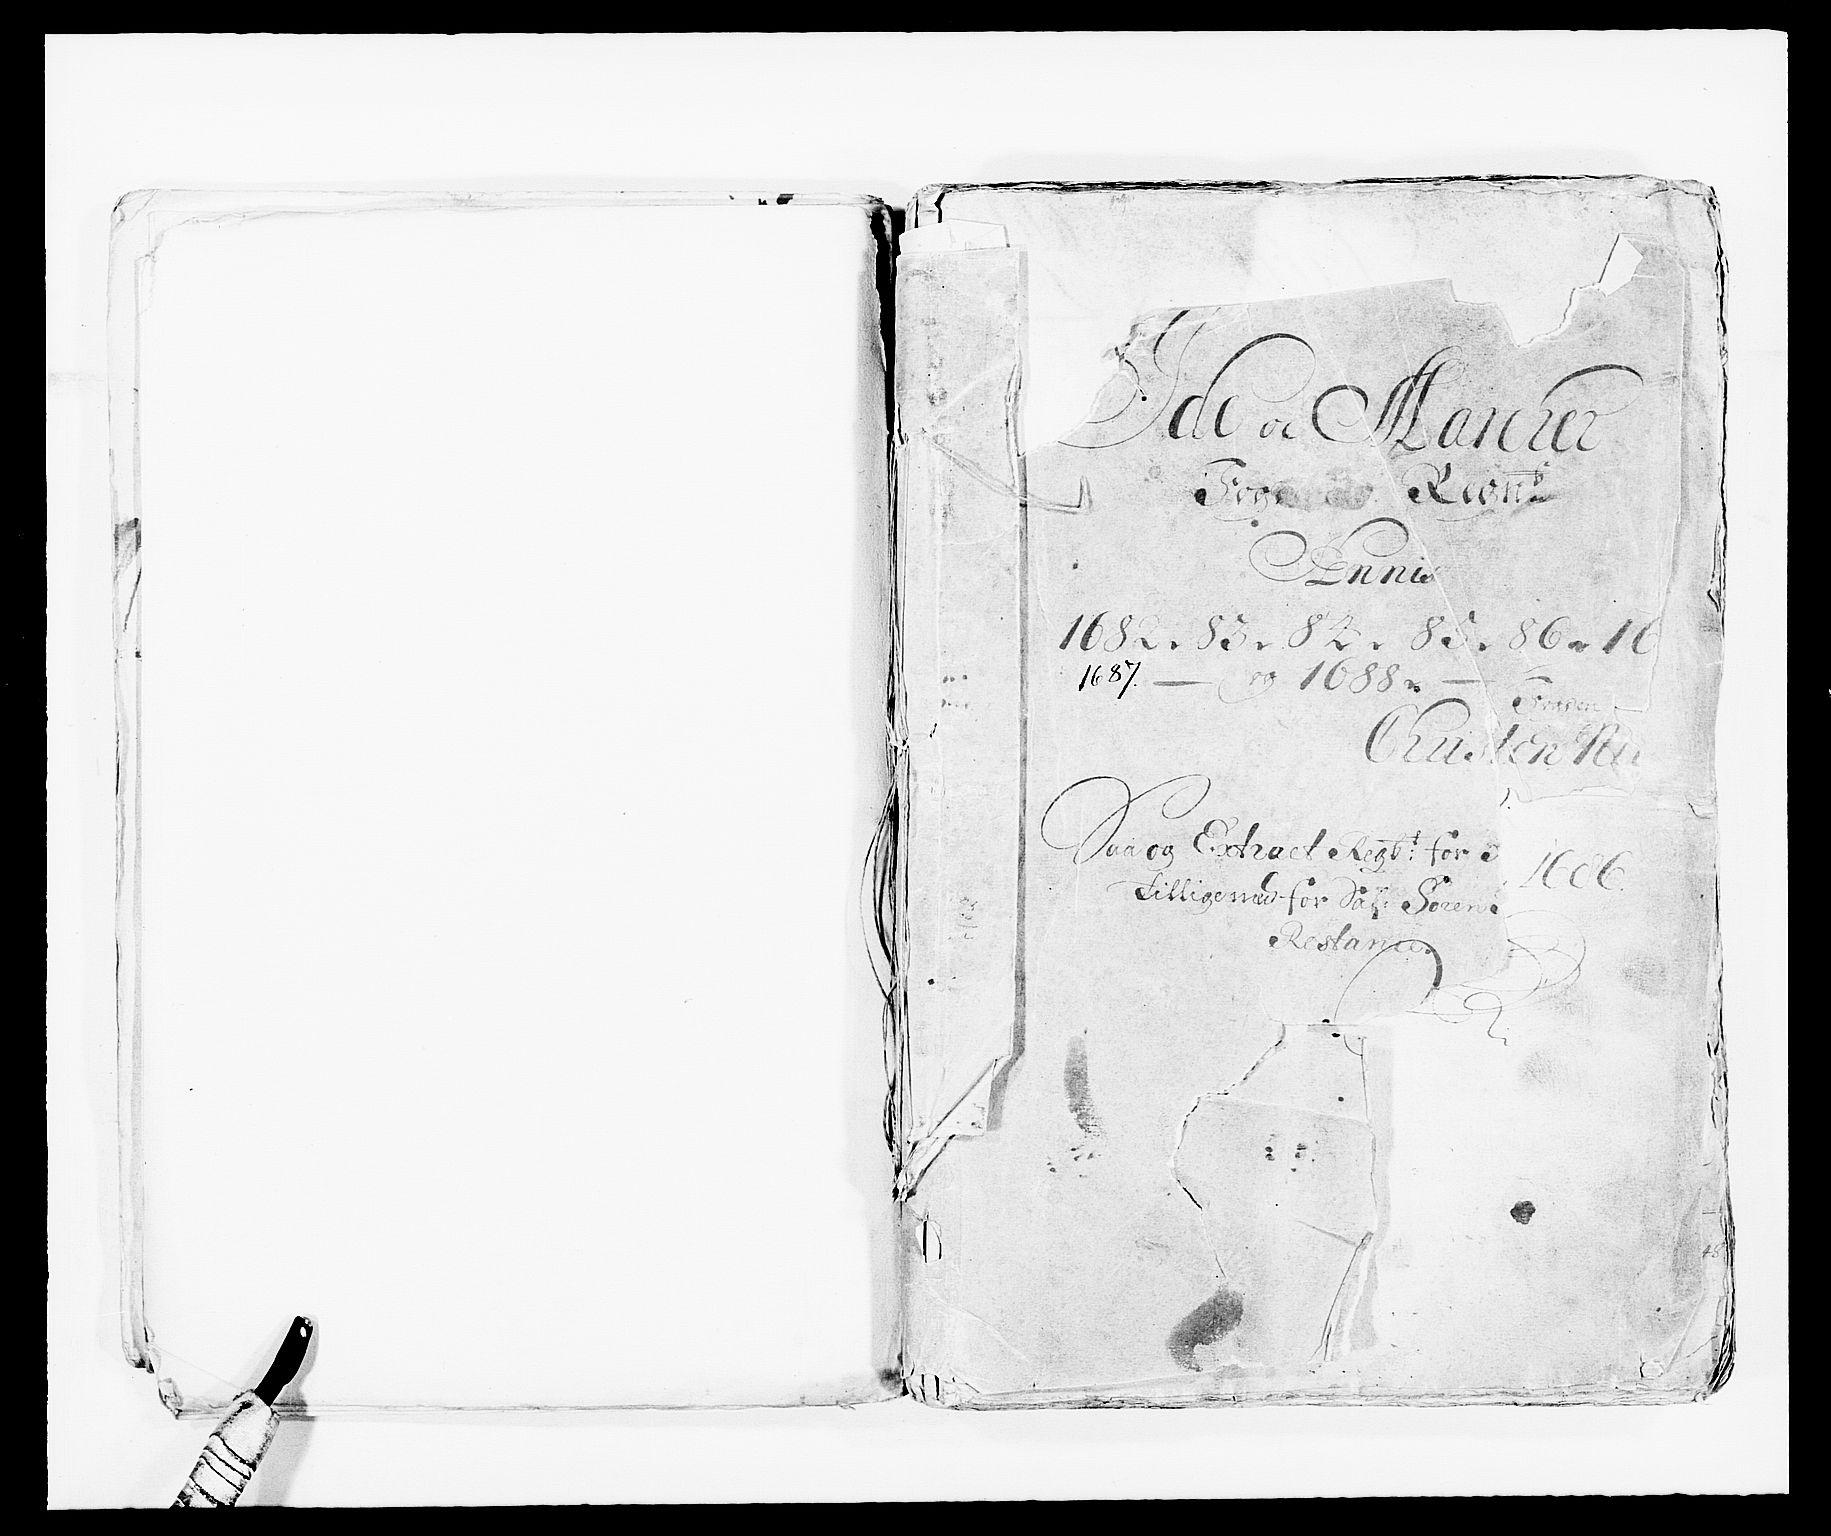 RA, Rentekammeret inntil 1814, Reviderte regnskaper, Fogderegnskap, R01/L0009: Fogderegnskap Idd og Marker, 1689, s. 89